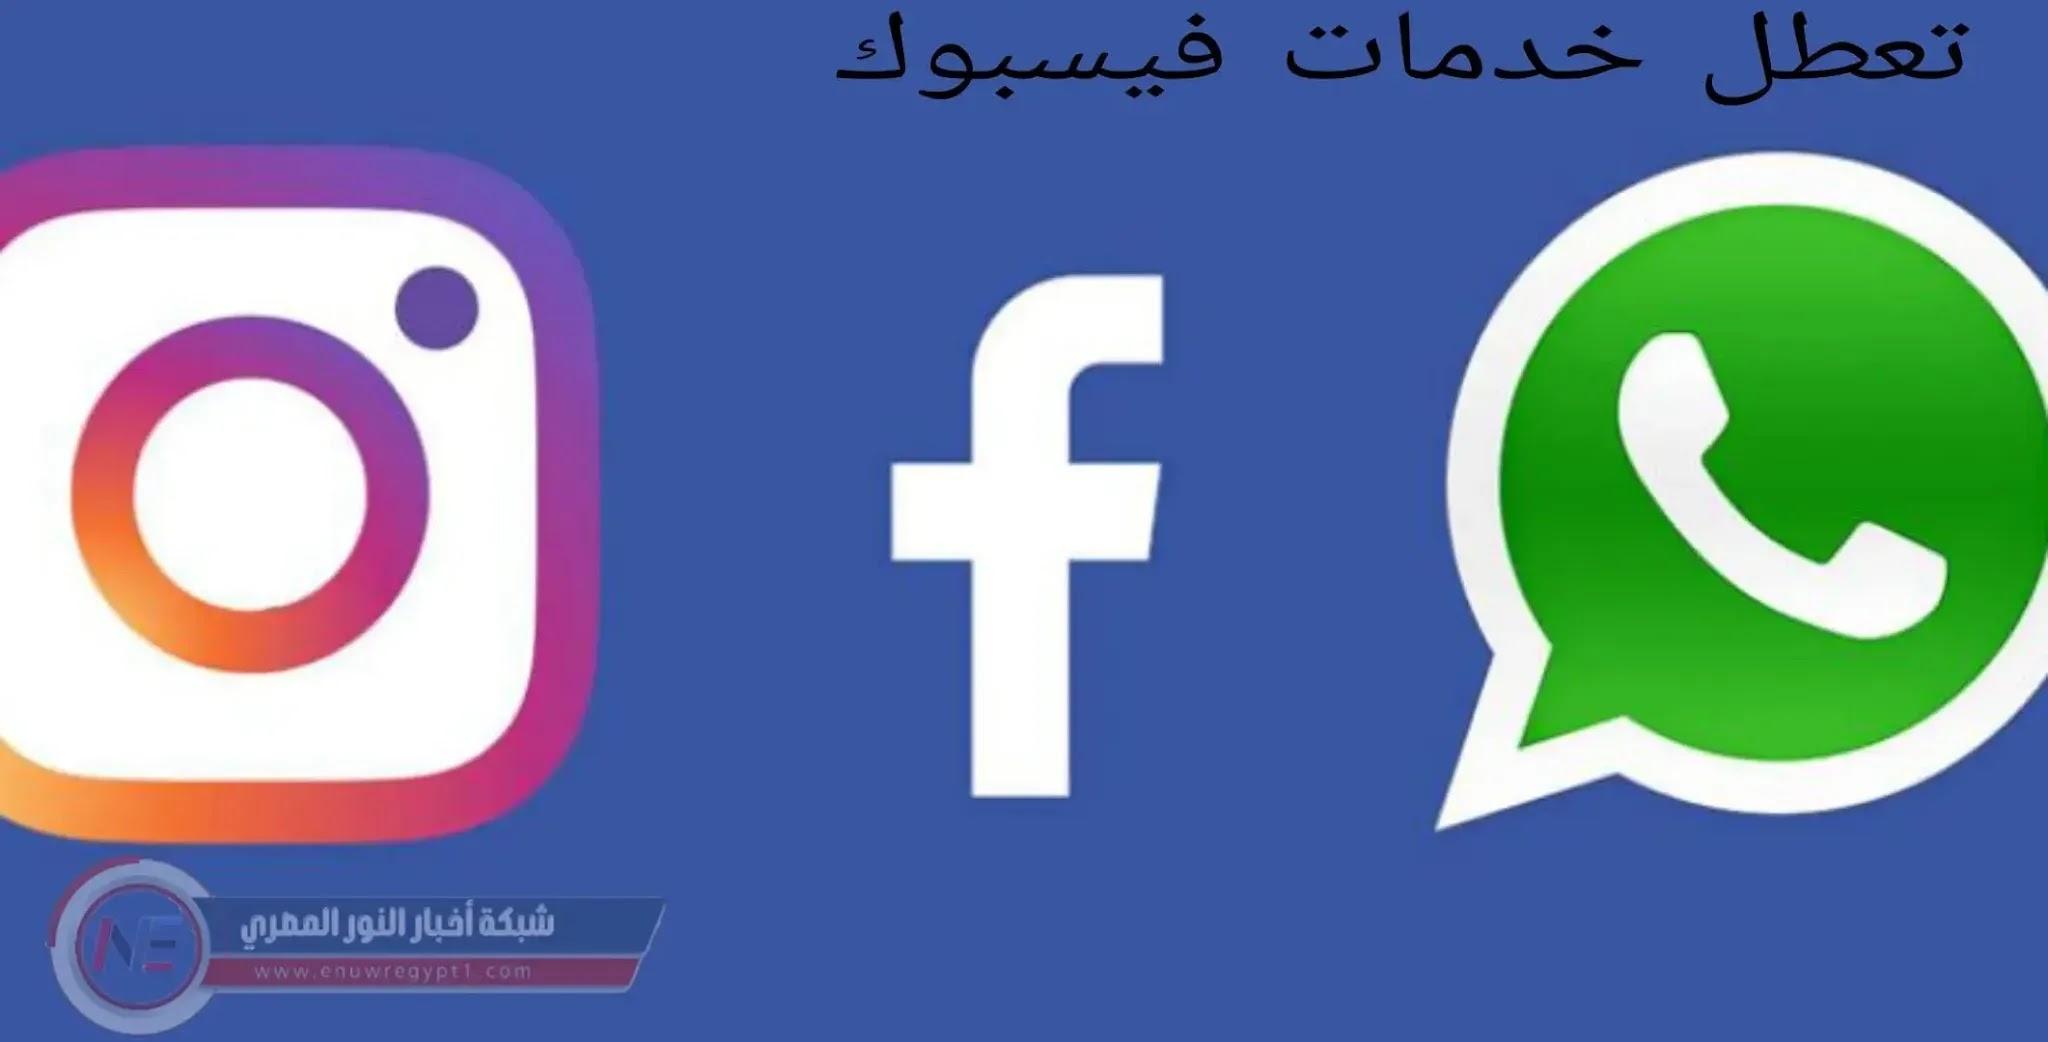 عاجل عطل إلكتروني.. وقوف مفاجئ لمواقع التواصل الاجتماعي حول العالم فيس بوك و واتساب و انستجرام